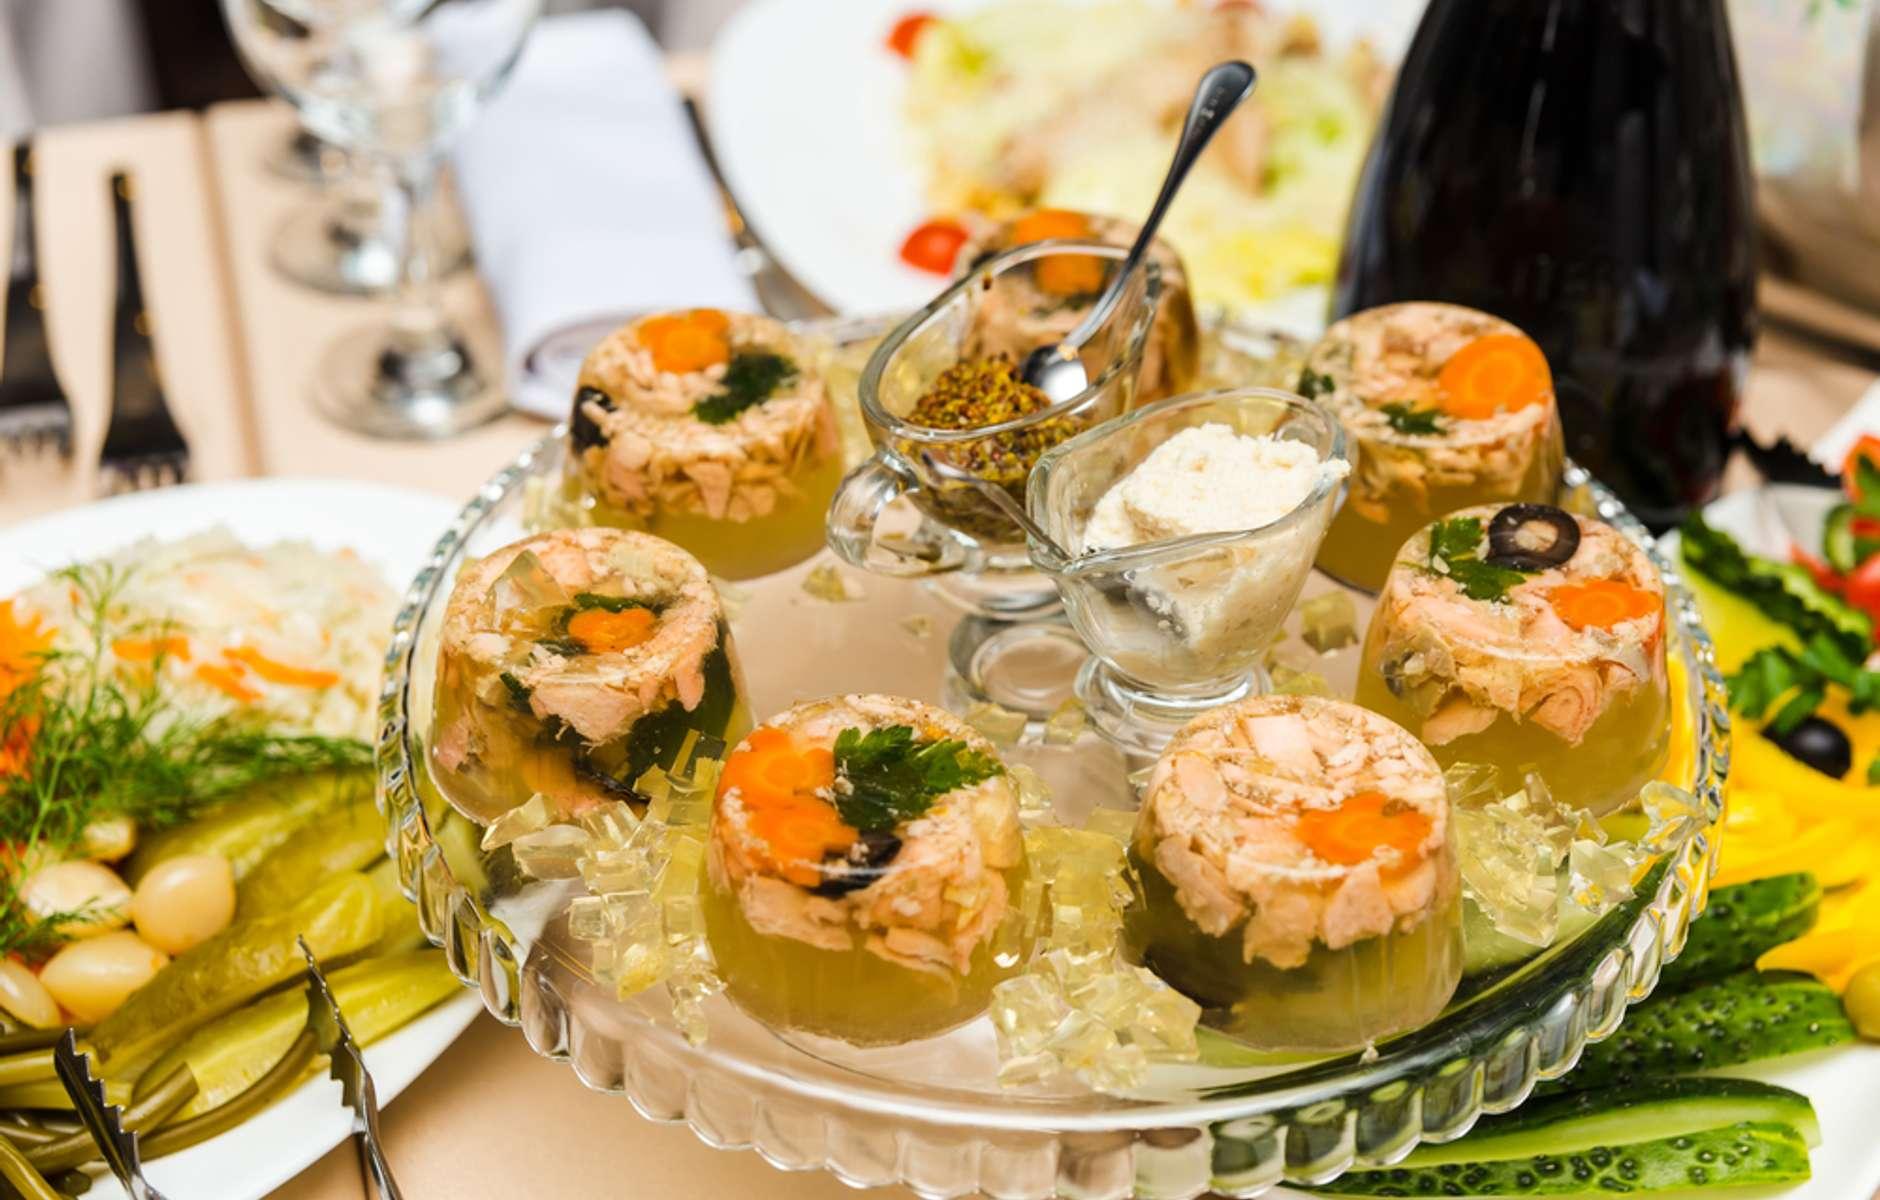 Праздничные рецепты блюд с фото праздничной группы